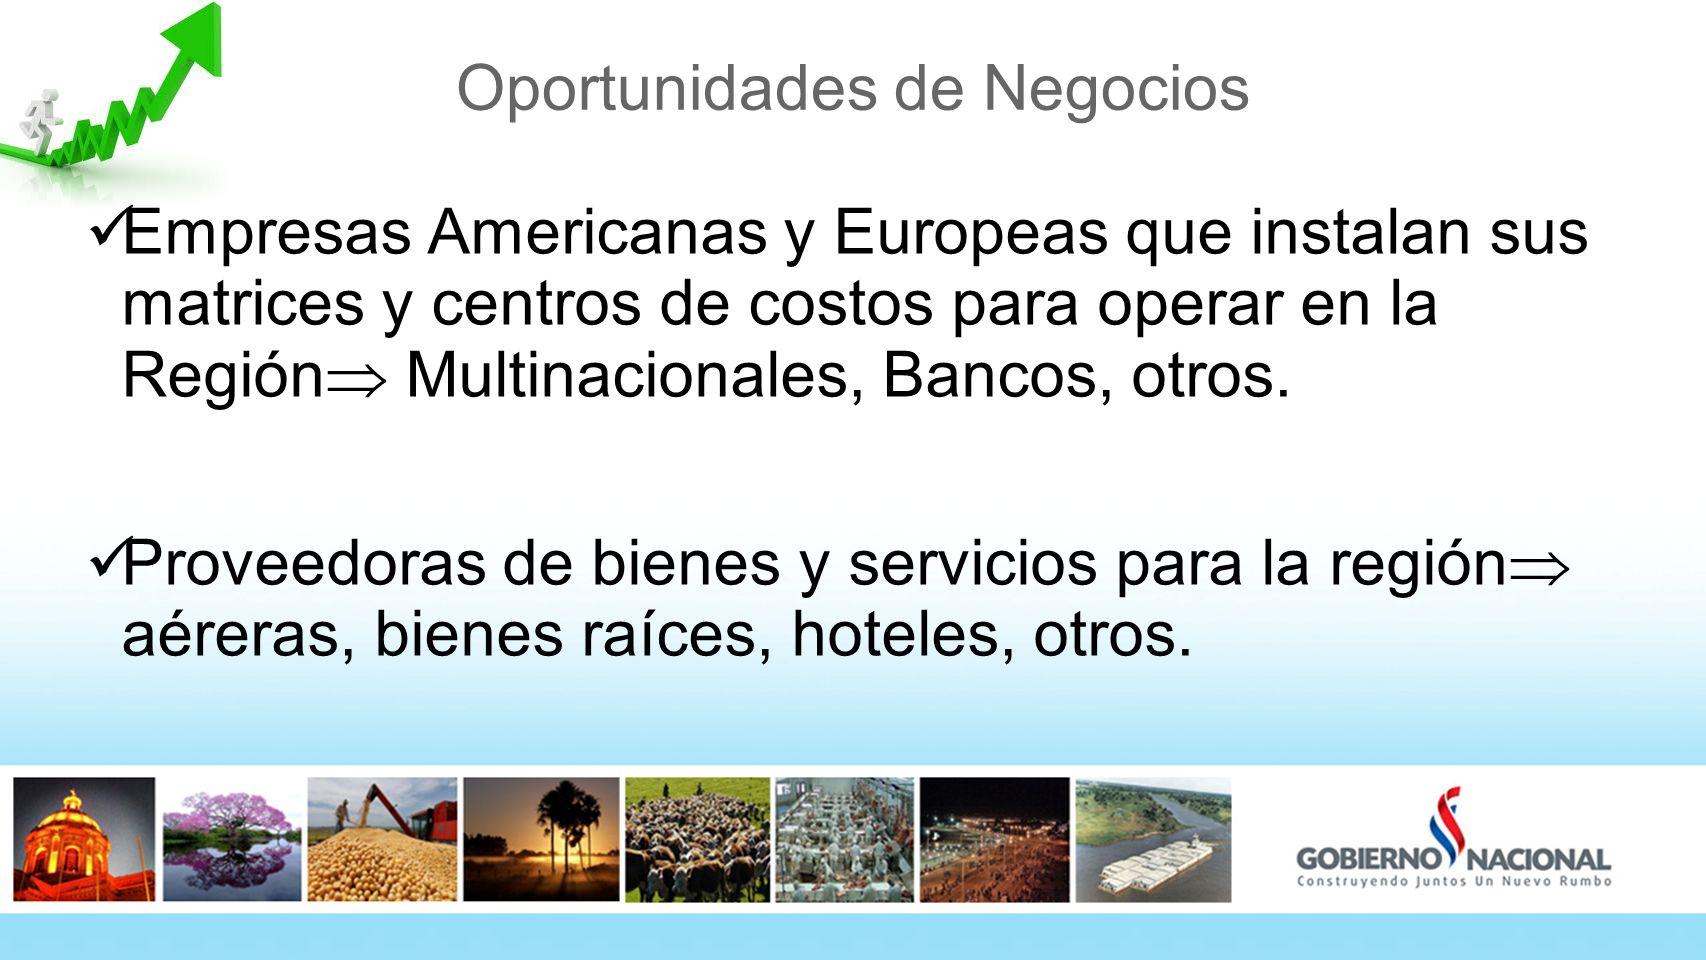 Oportunidades de Negocios Empresas Americanas y Europeas que instalan sus matrices y centros de costos para operar en la Región Multinacionales, Bancos, otros.